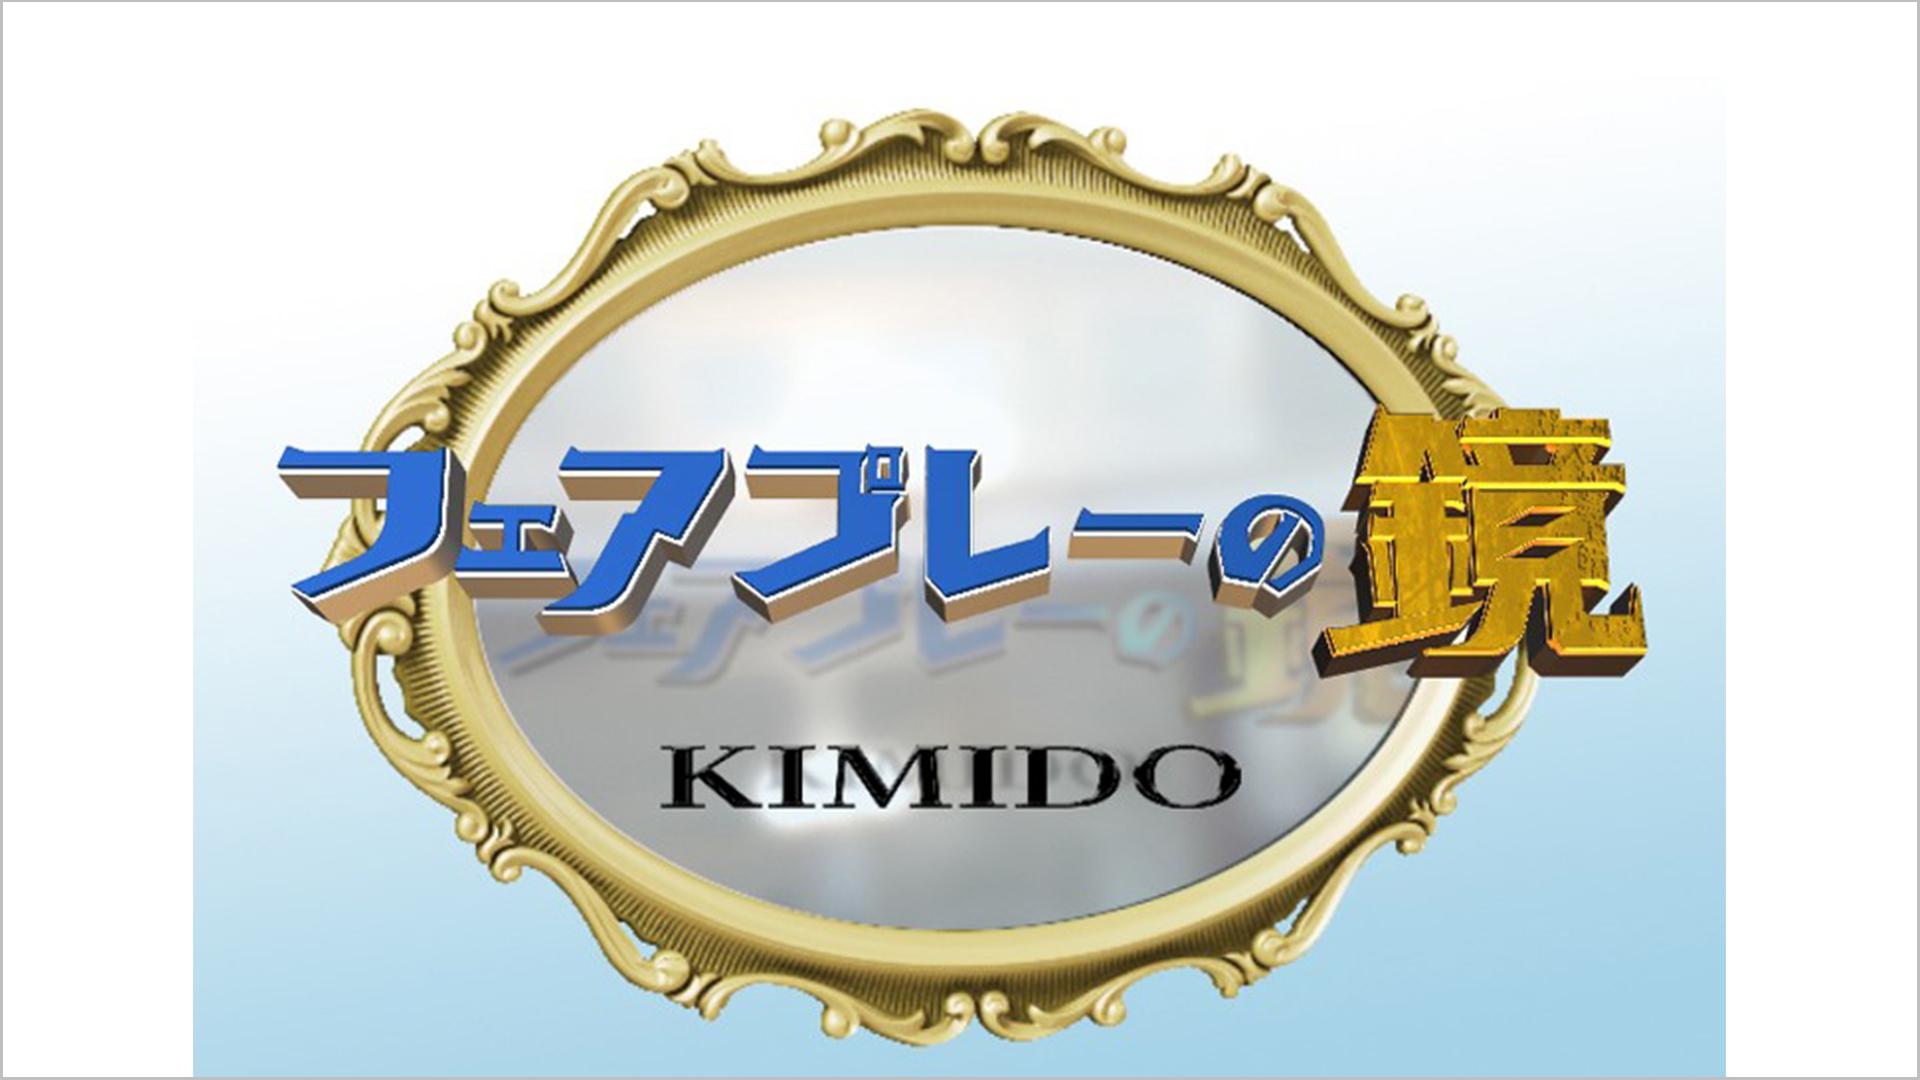 フェアプレーの鏡 〜KIMIDO?〜 #3 カーロフの自己申告